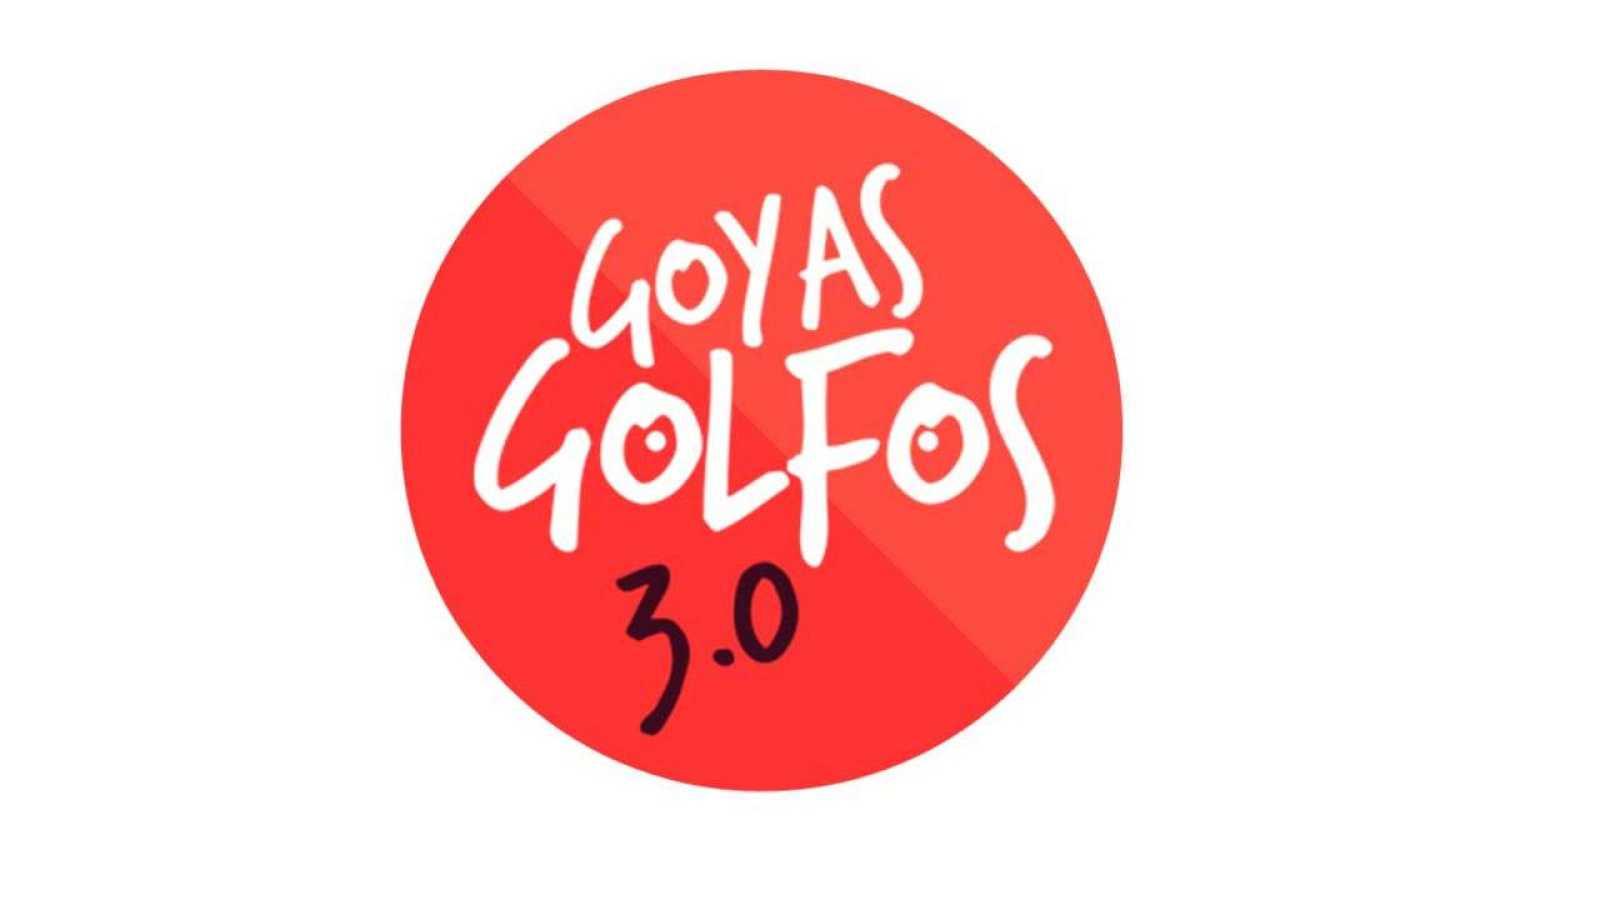 Así es el logo de los goyas golfos 3.0